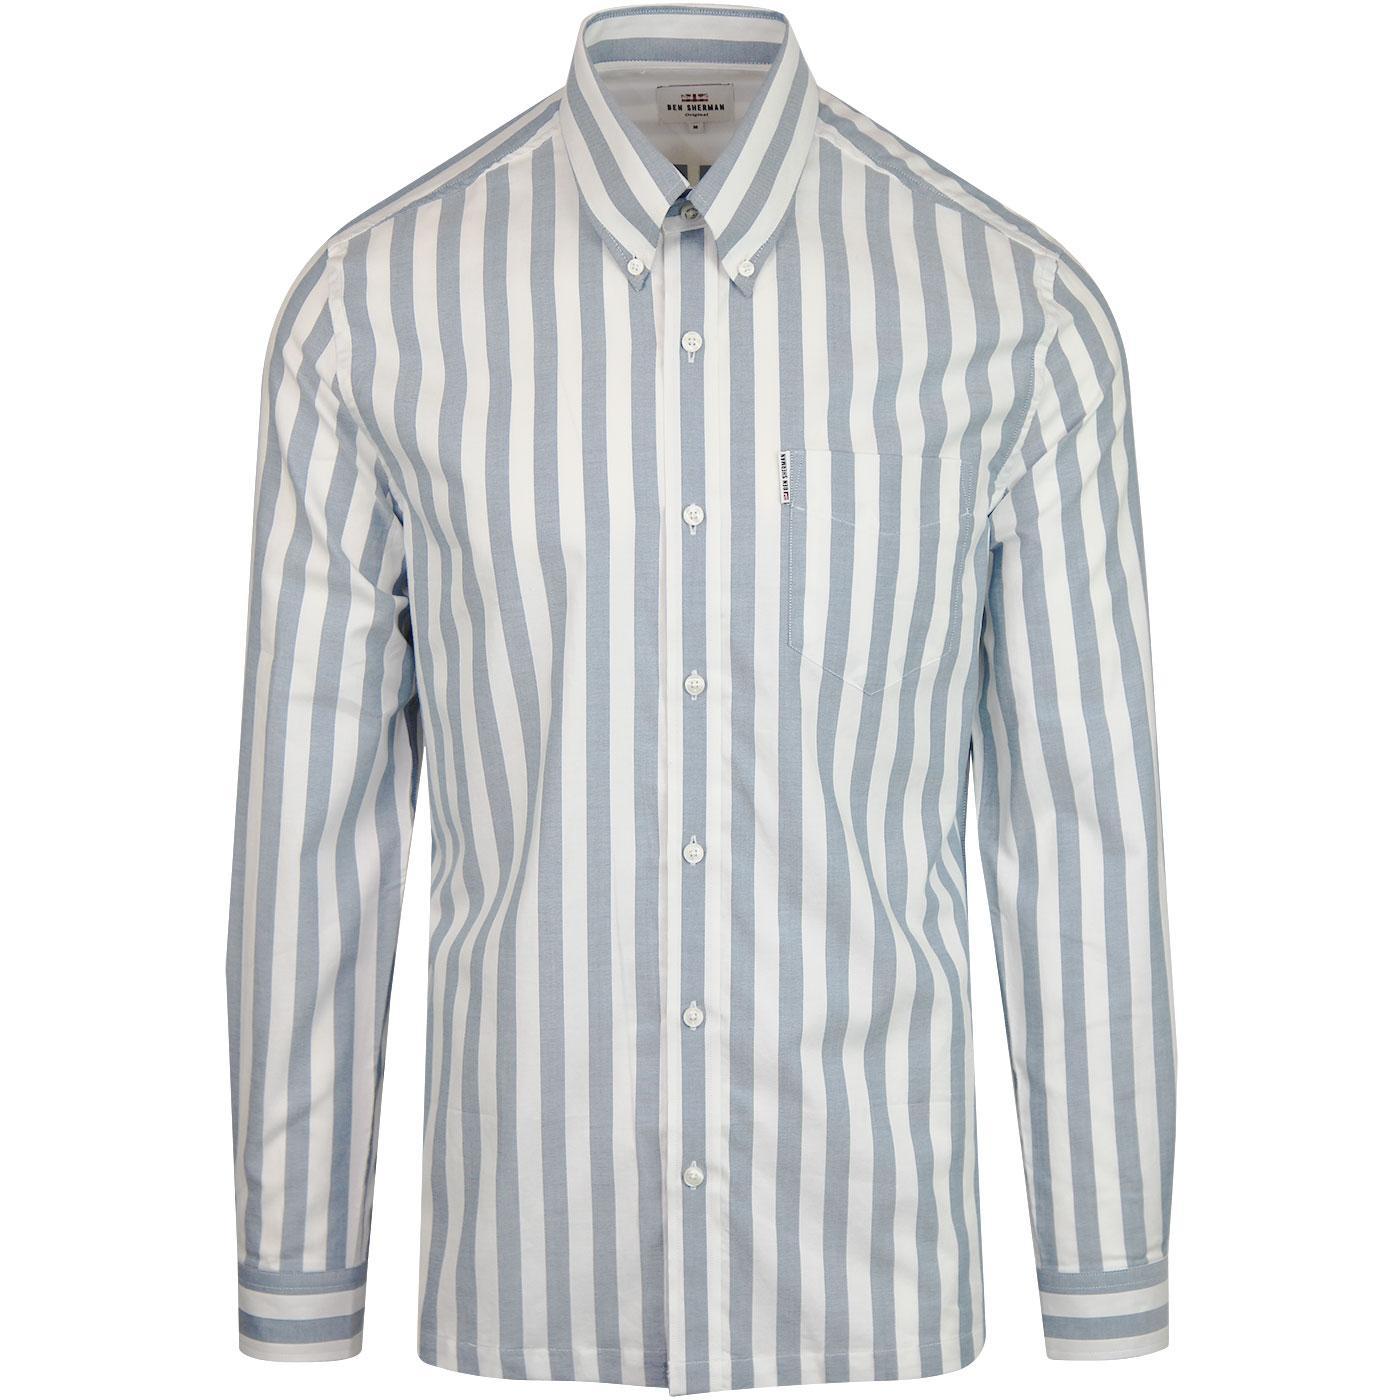 BEN SHERMAN Ivy Stripe L/S Mod Oxford Shirt (JB)